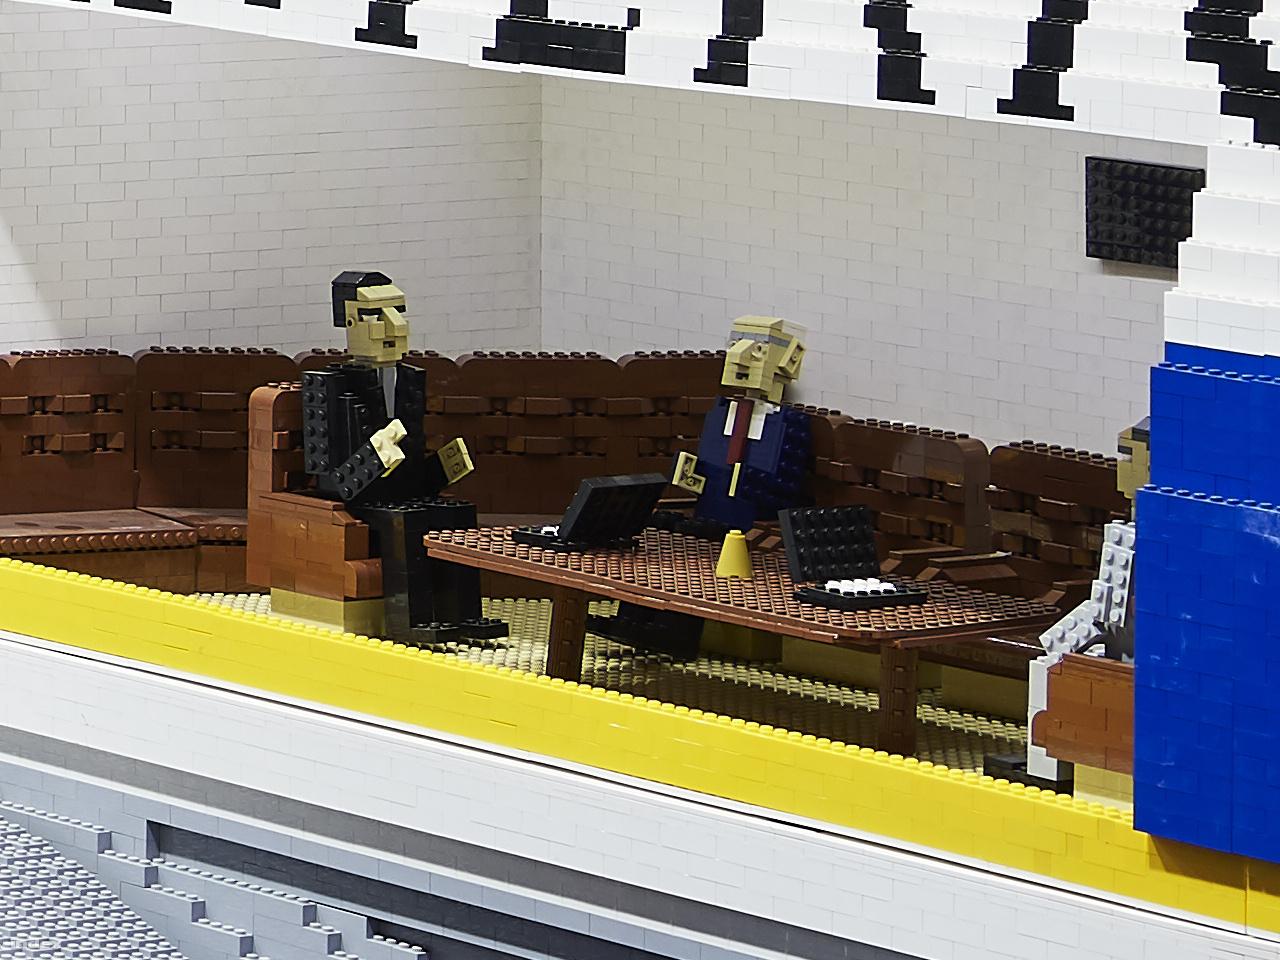 Egy elnöki ügy – 100 százalékos képkivágás a fenti fotó 150 megapixeles eredetijéből.